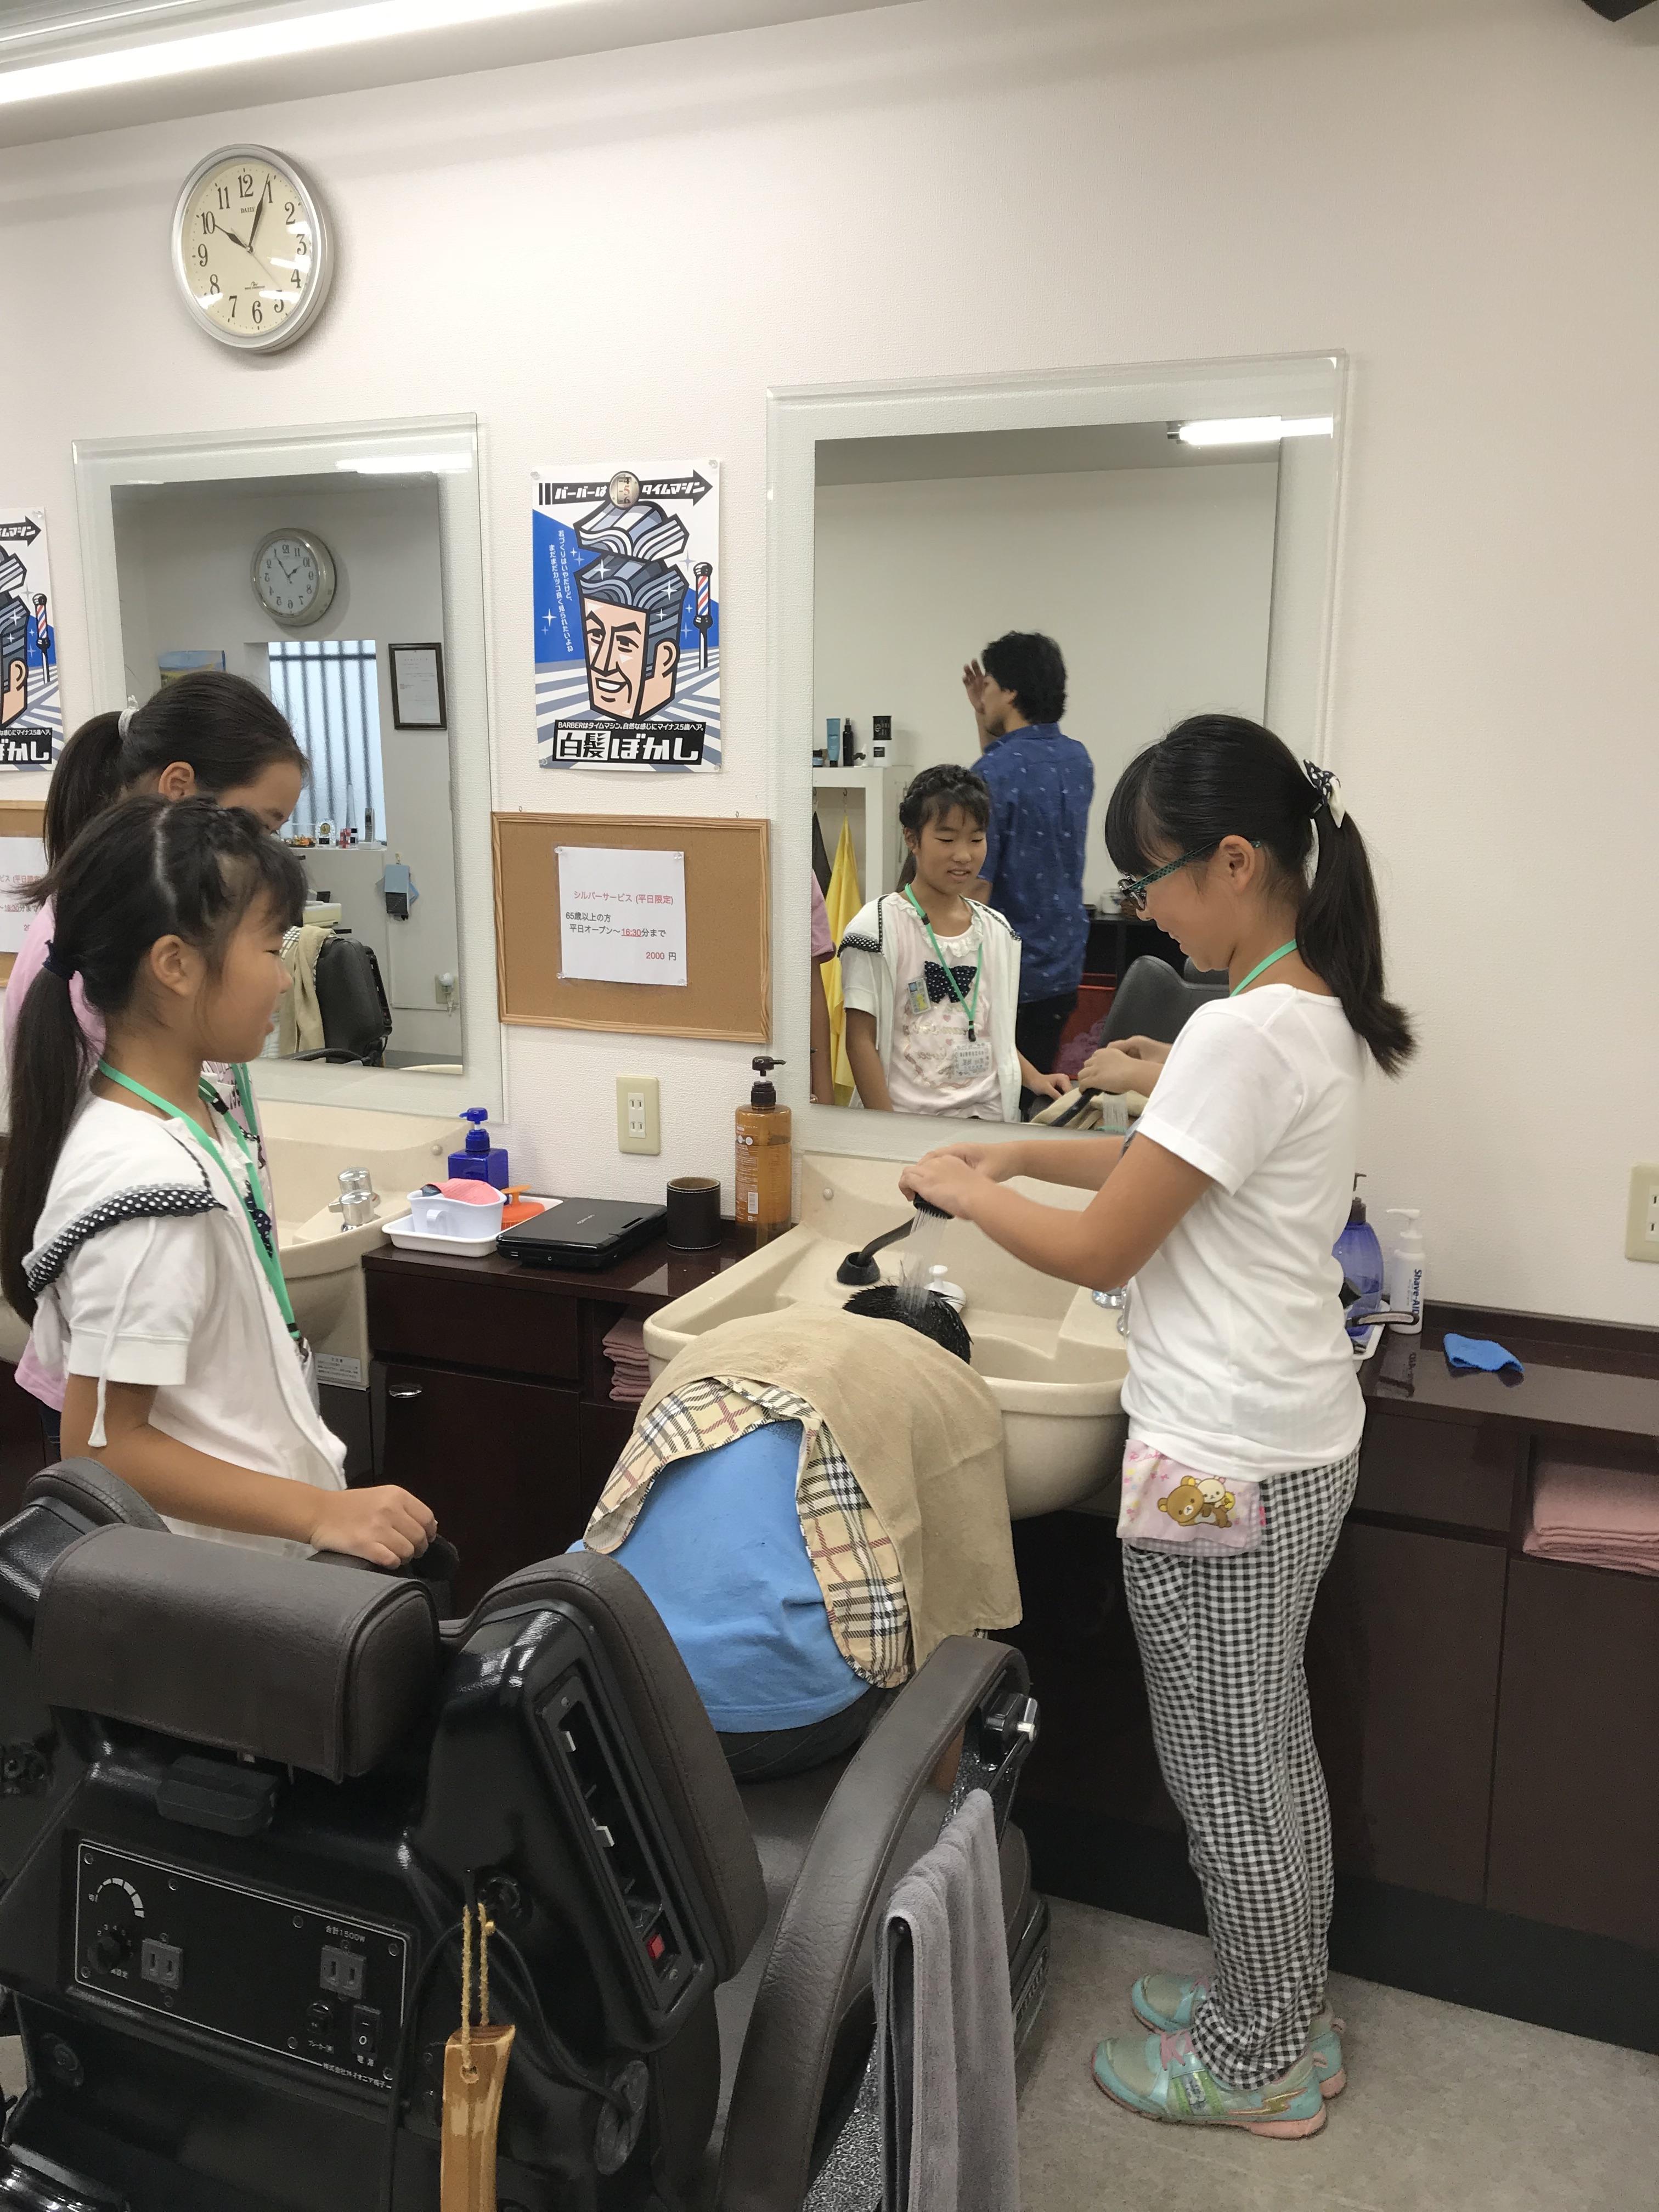 【職業体験】初めての体験でドキドキ!